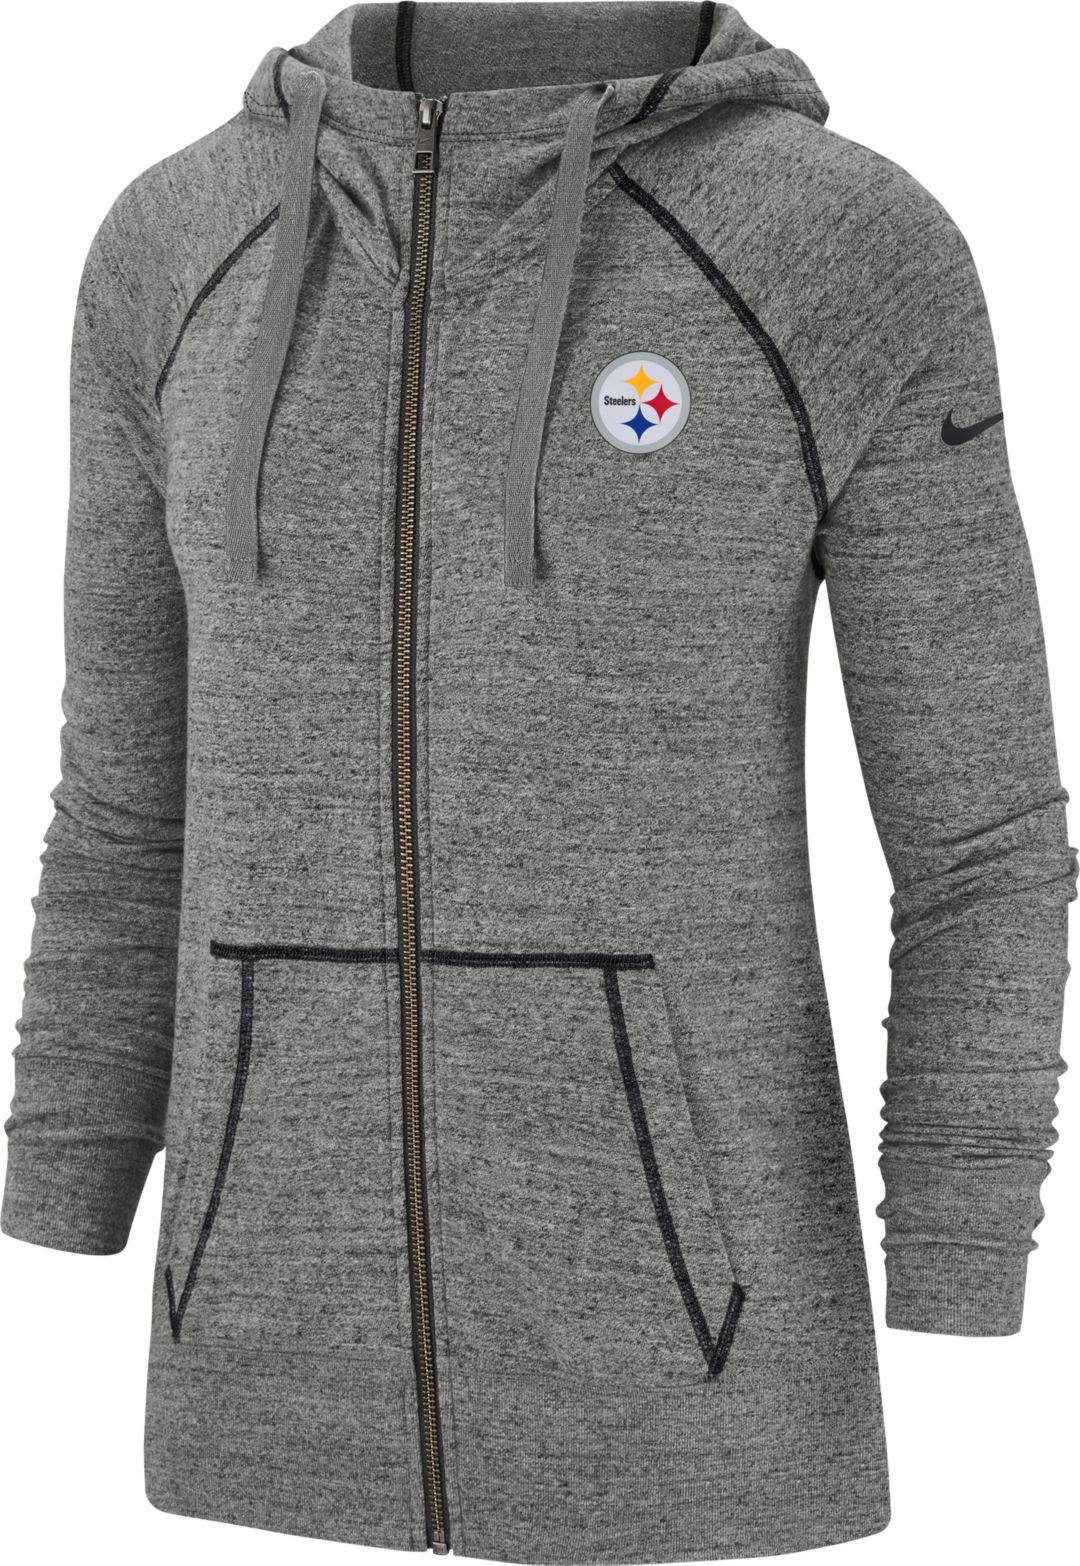 new product dbab4 ce08b Nike Women's Pittsburgh Steelers Vintage Grey Full-Zip Hoodie